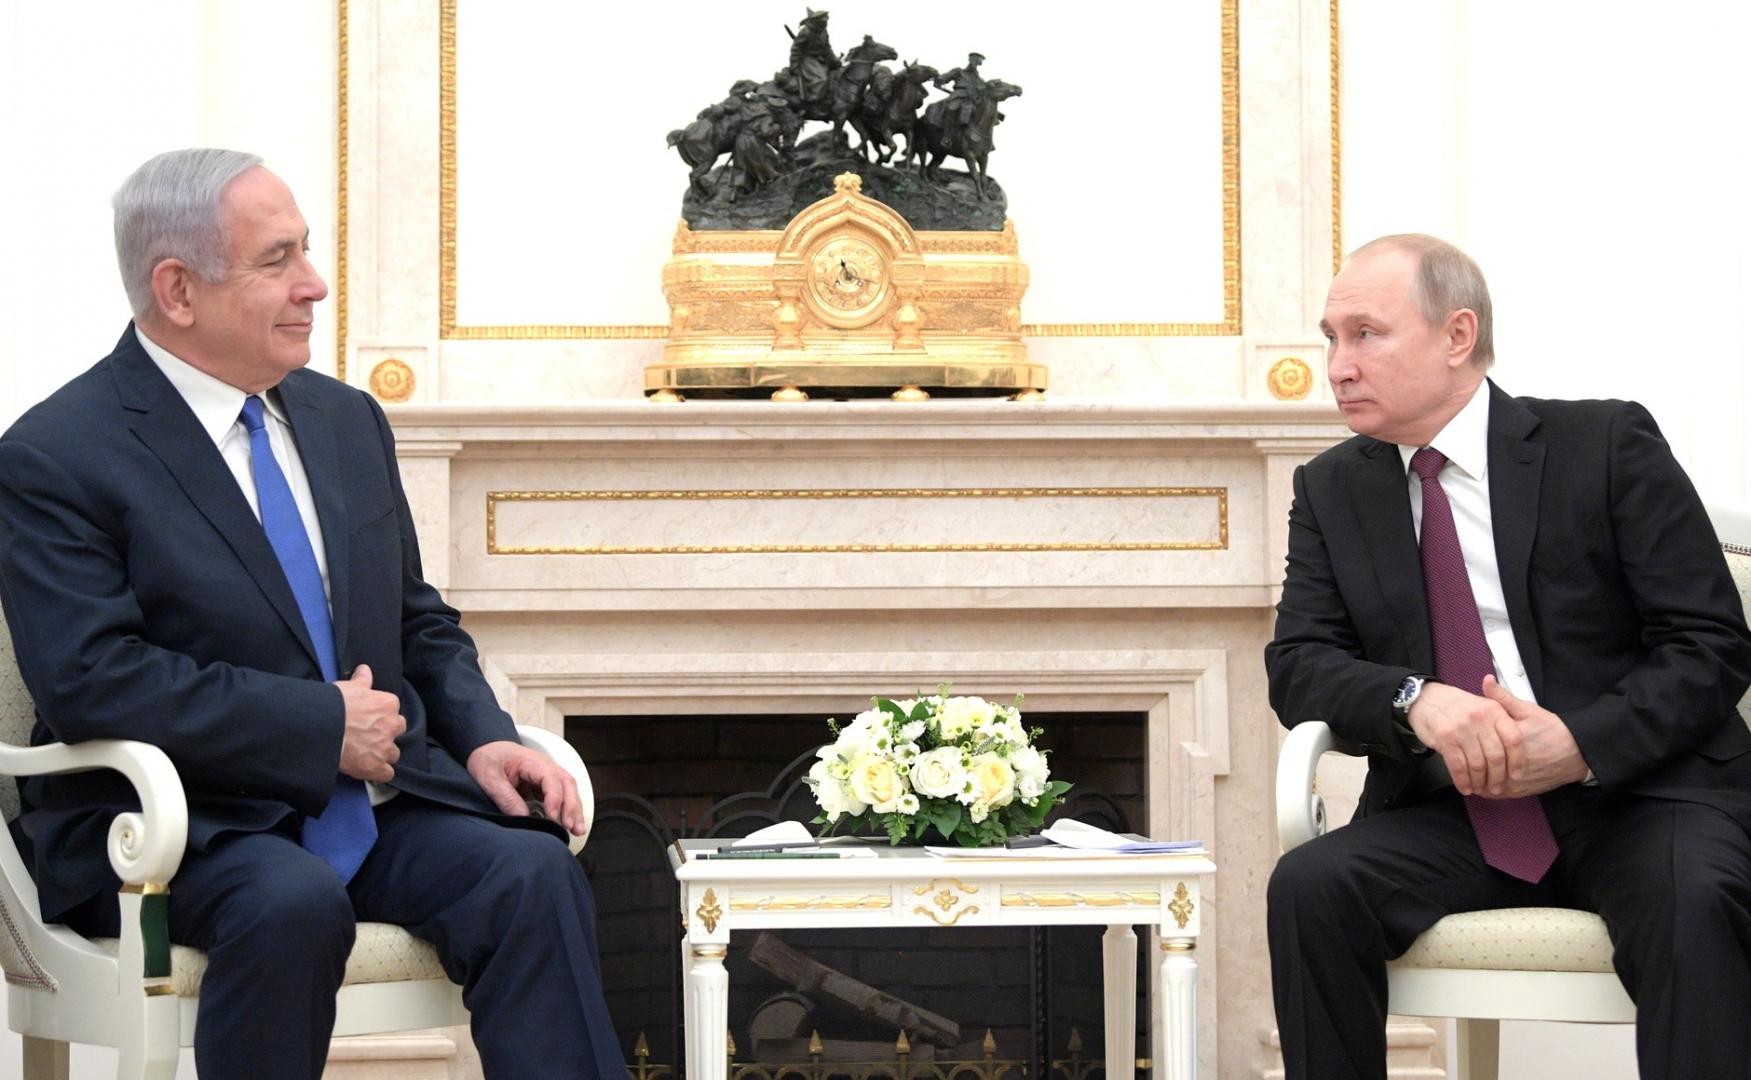 Биньямин Нетаньяху и Владимир Путин. Встреча в Москве 04.04.2019